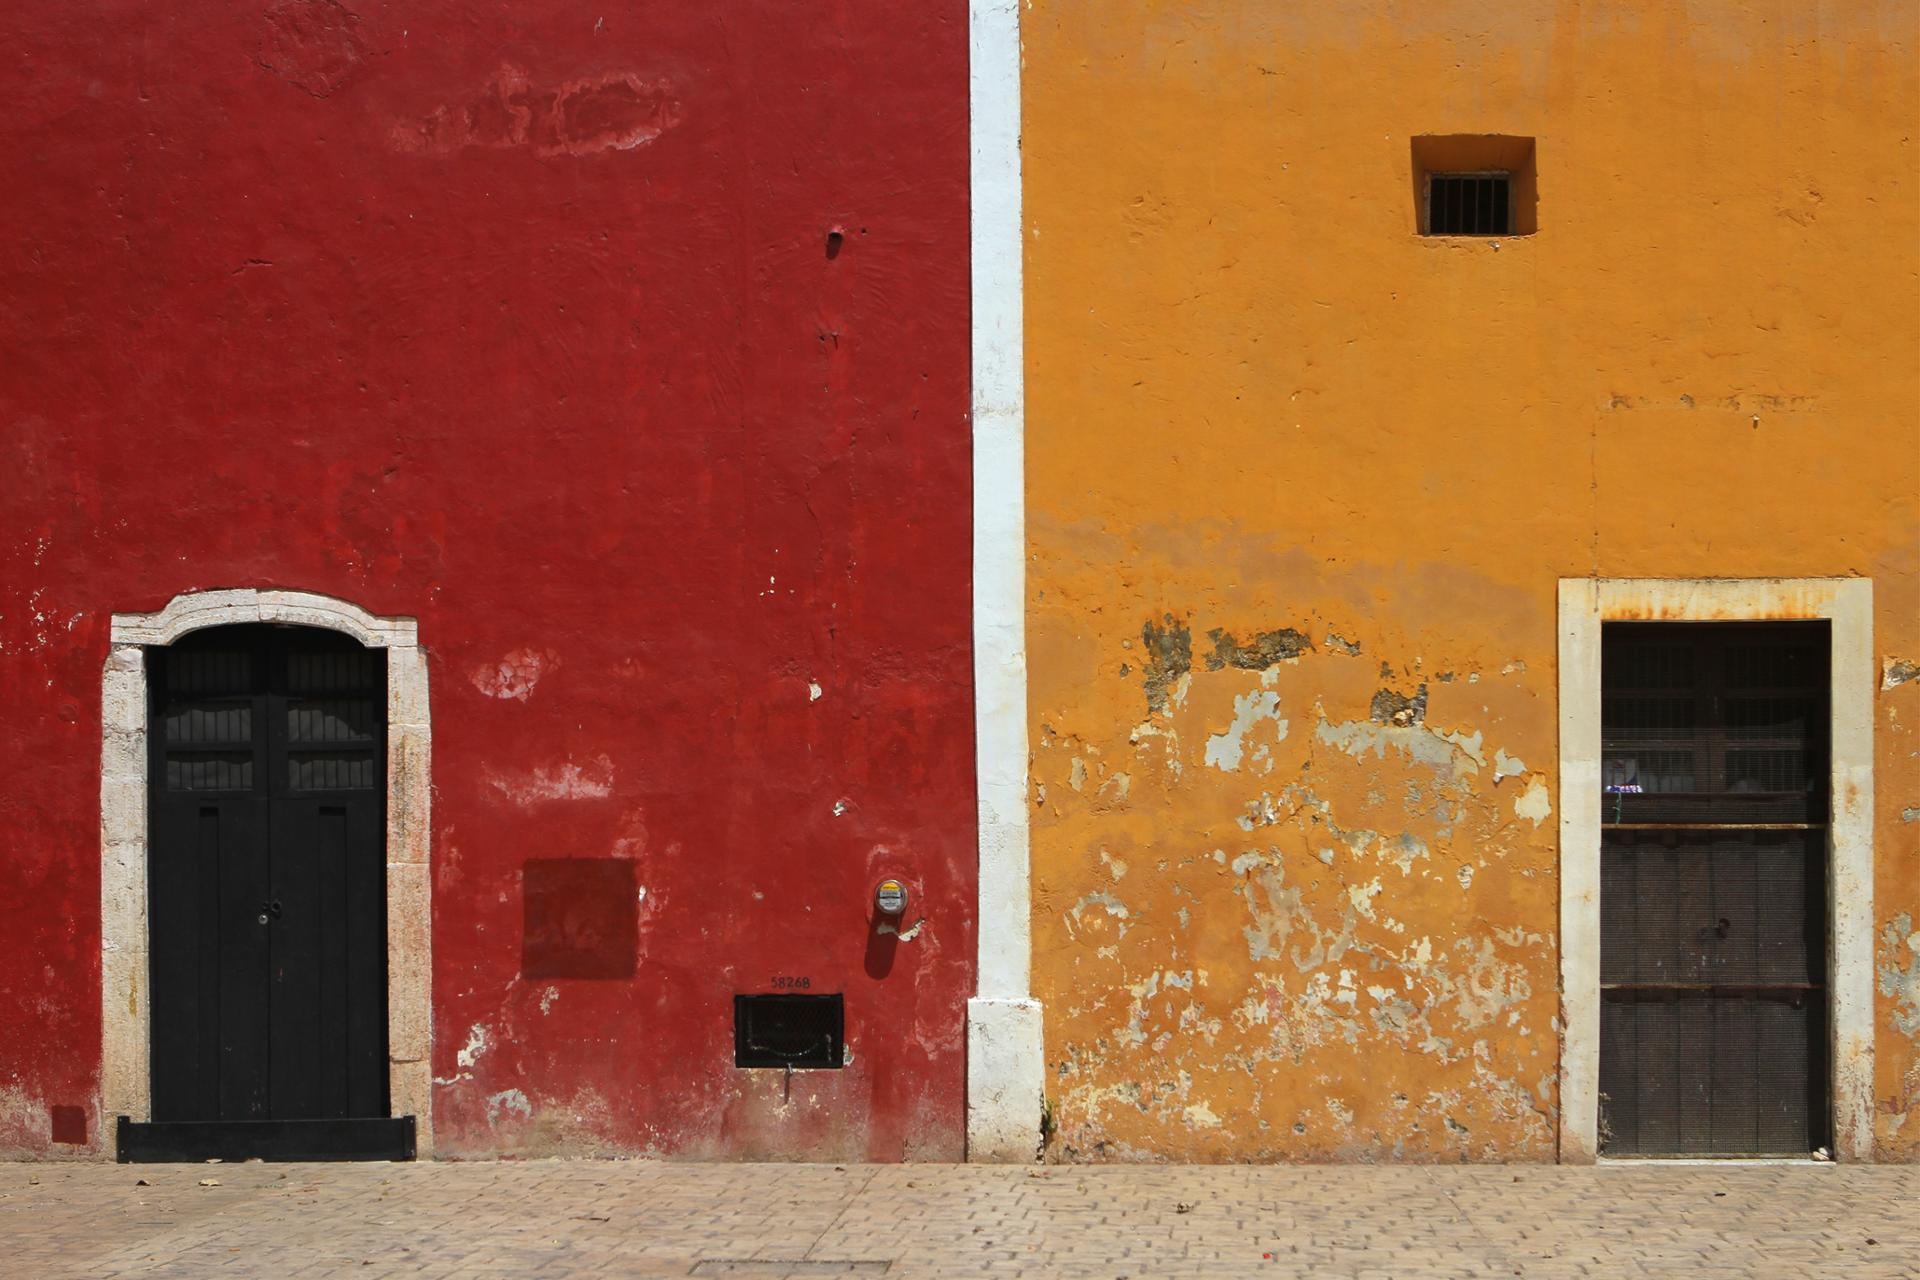 Valladolid casas (MEXICO) by sir20